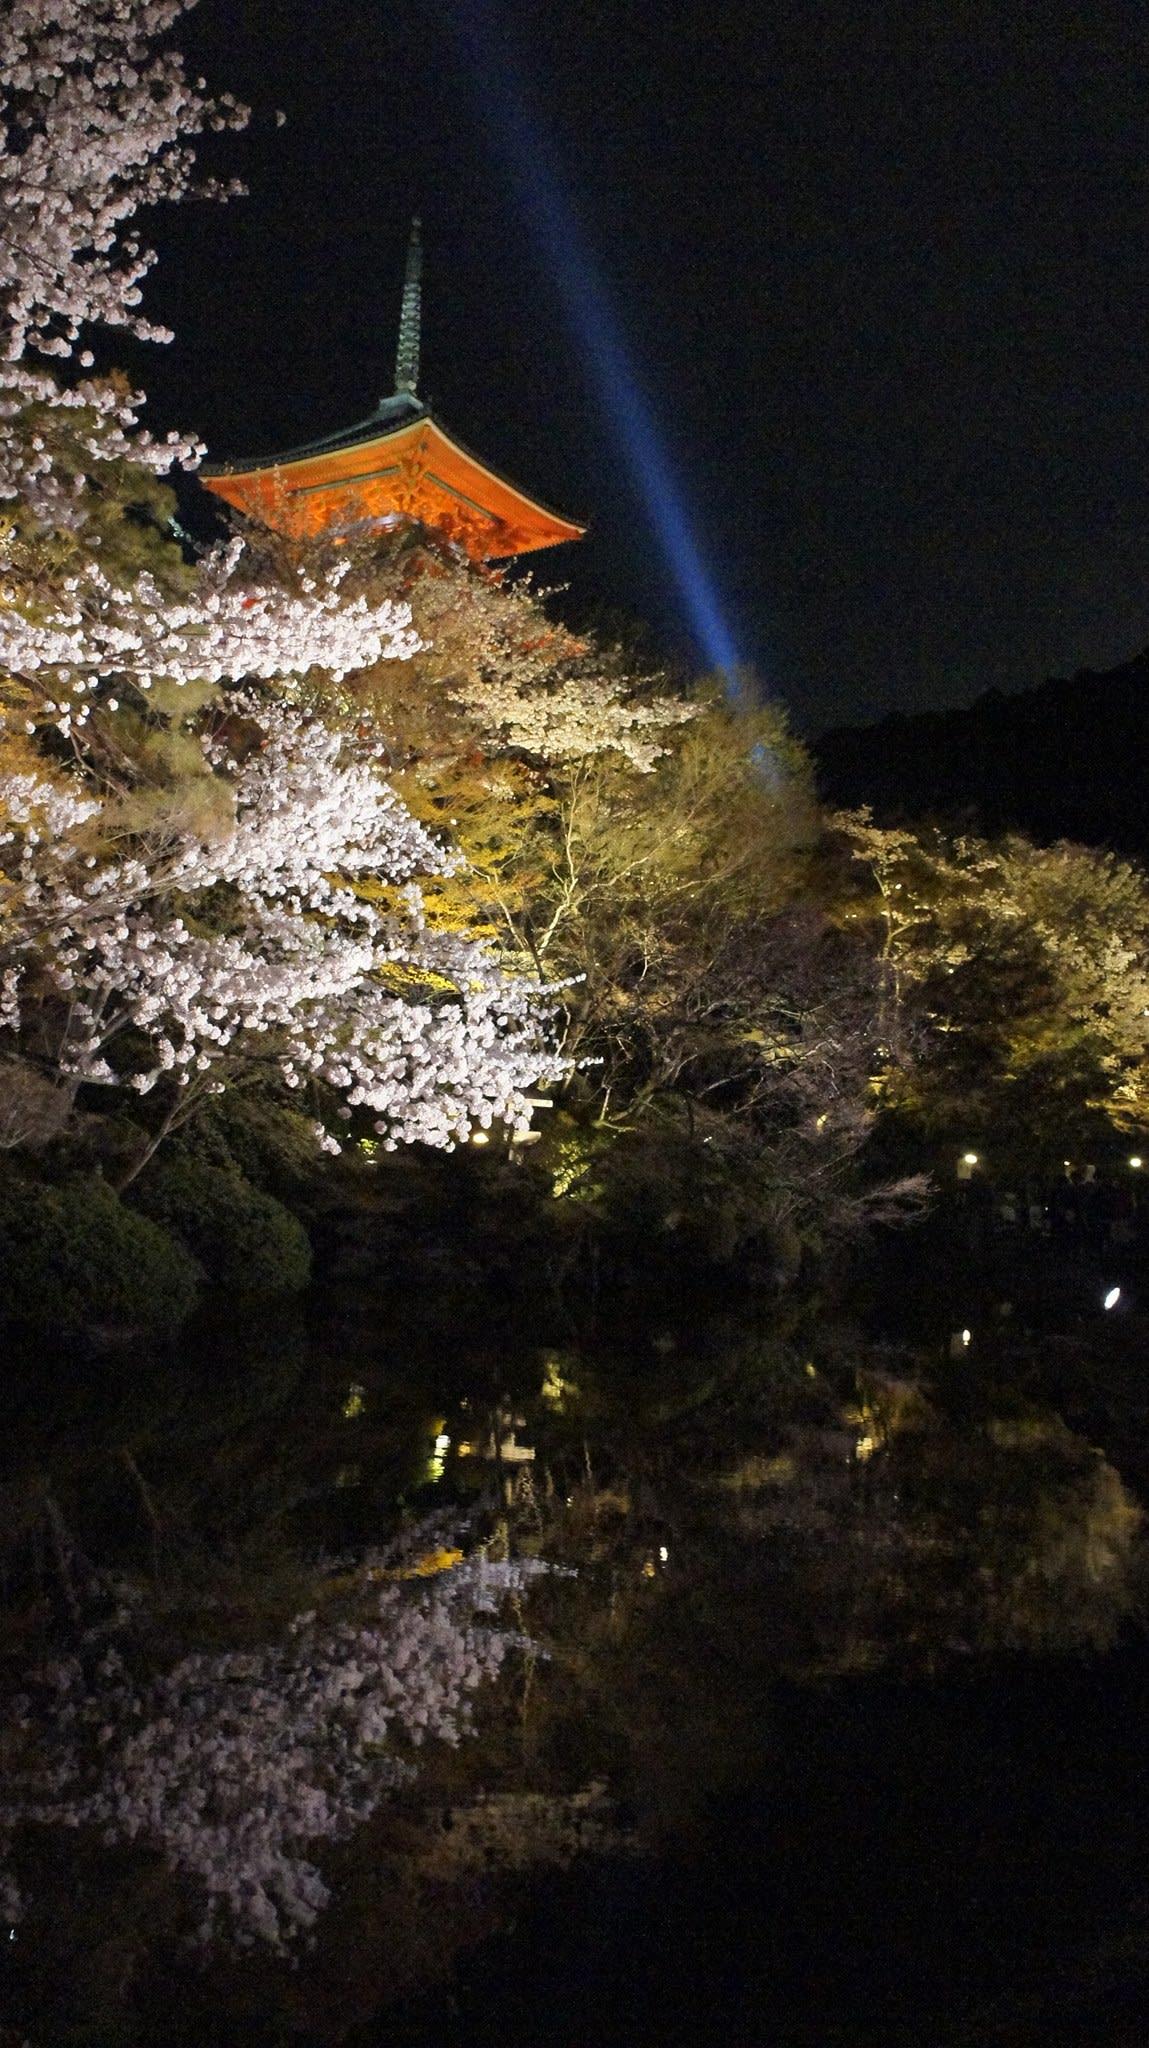 ngắm hoa anh đào tại chùa kiyumizu